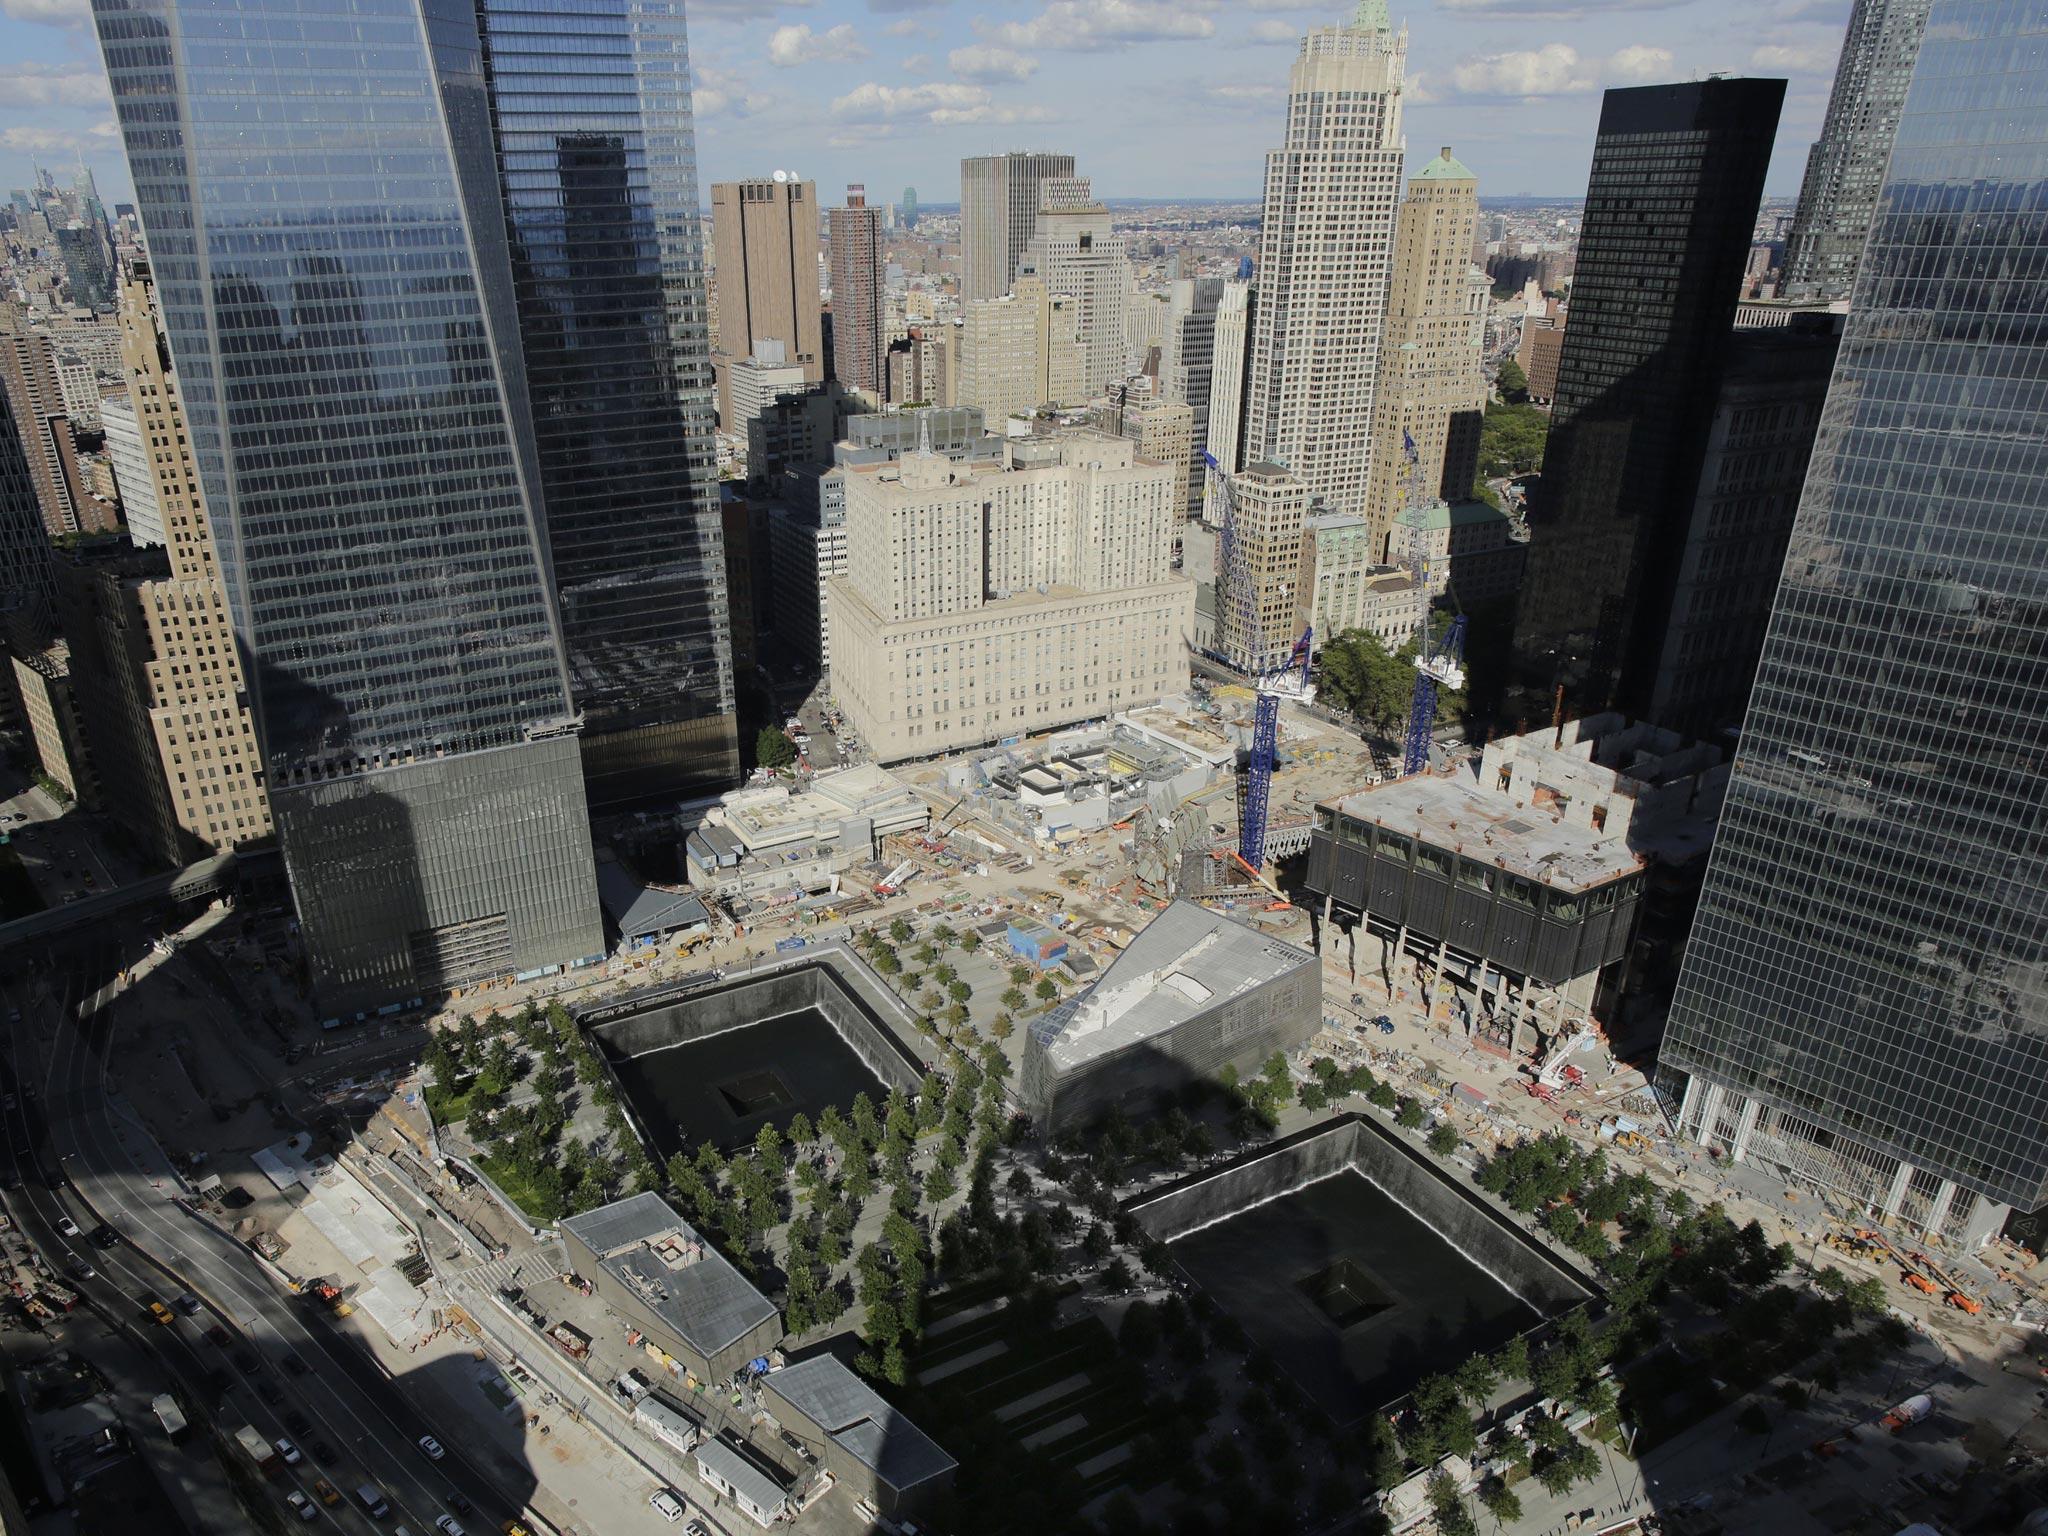 Imagining Ground Zero